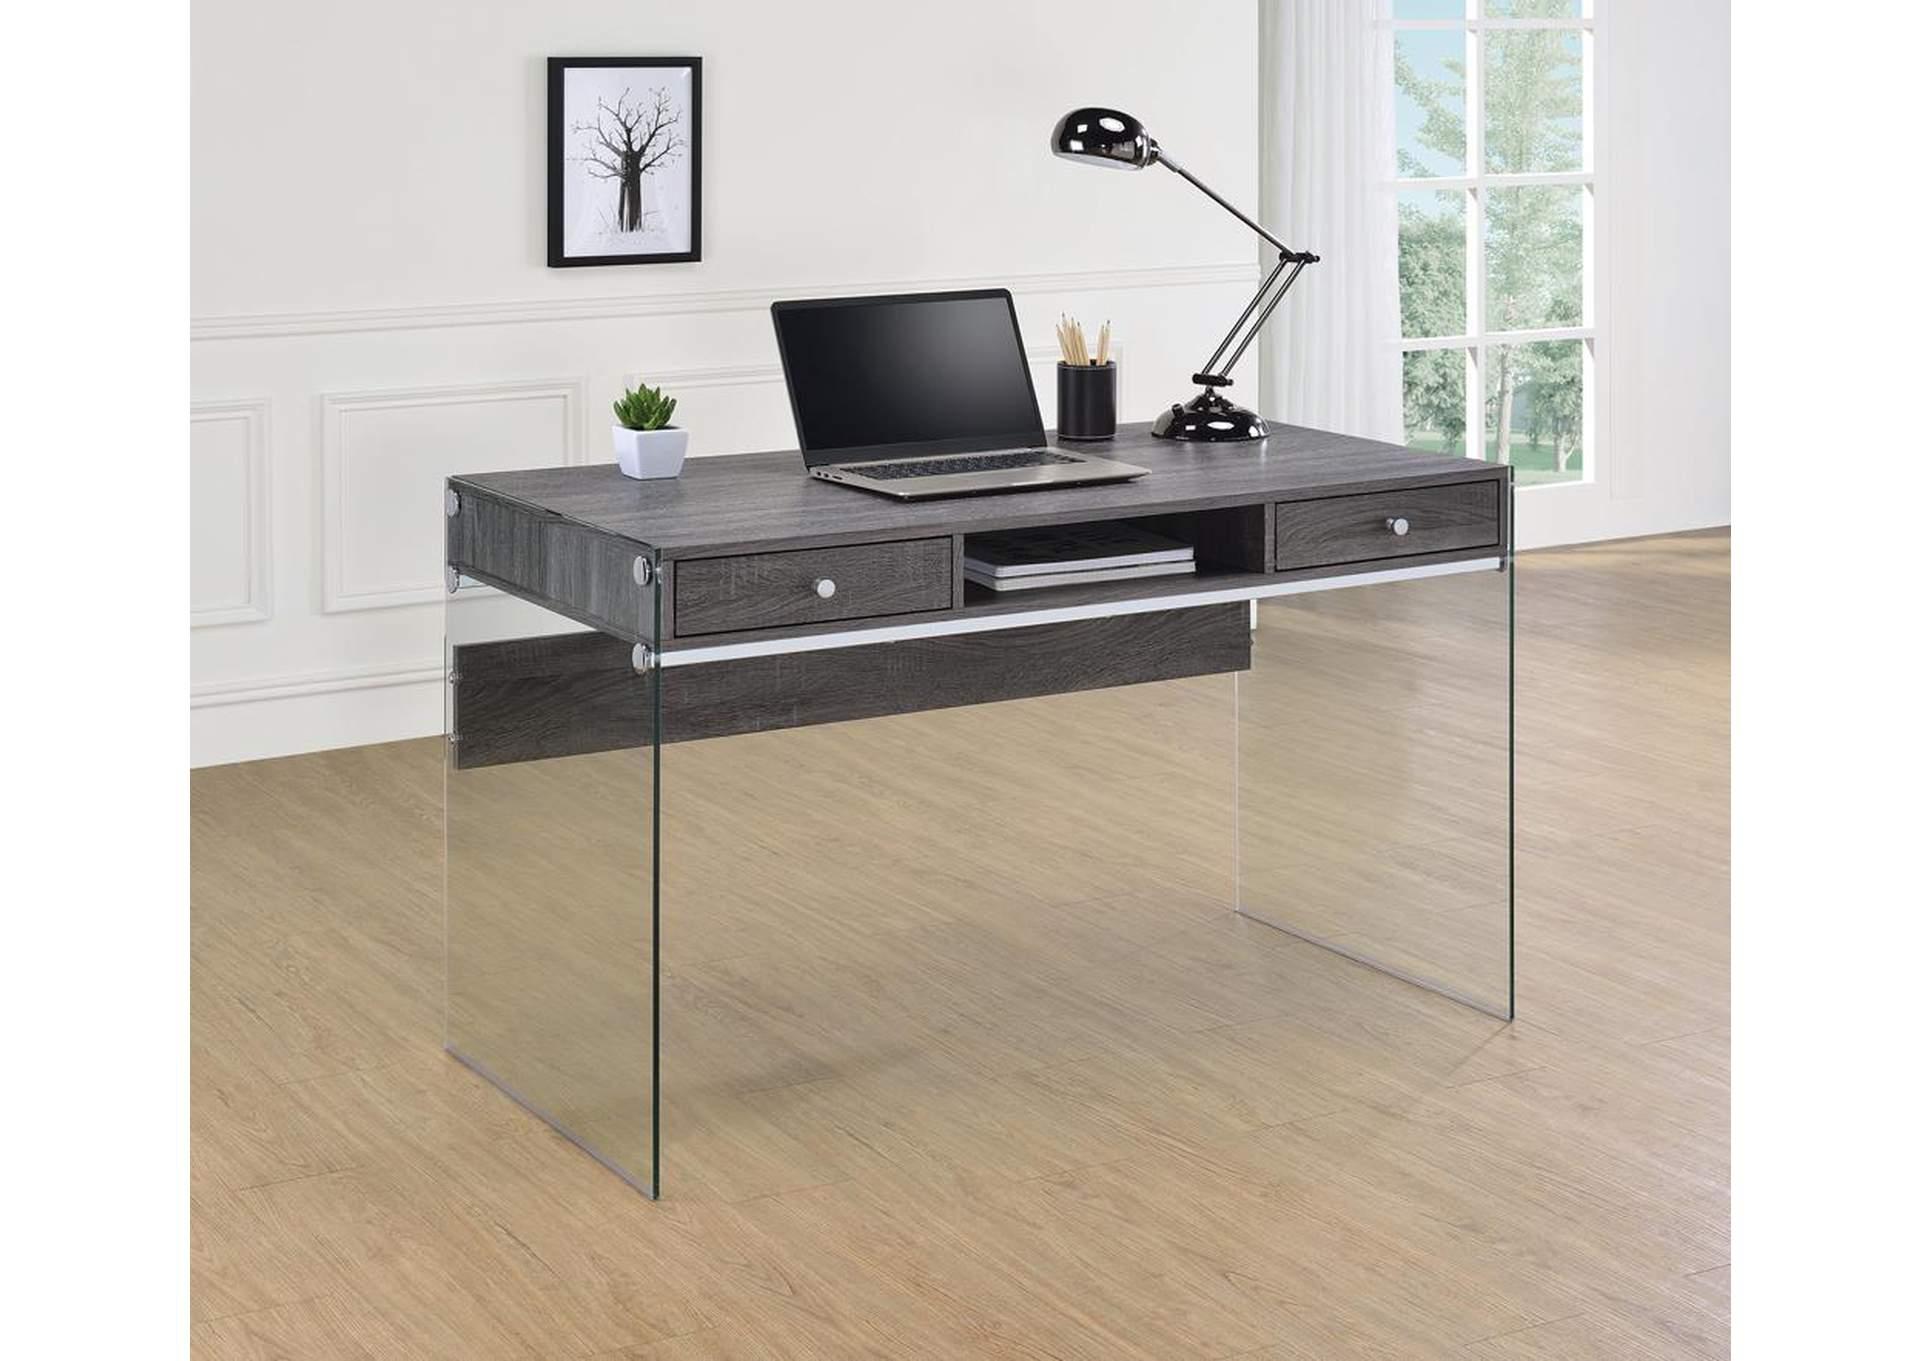 old york furniture ringoes nj weathered grey computer desk